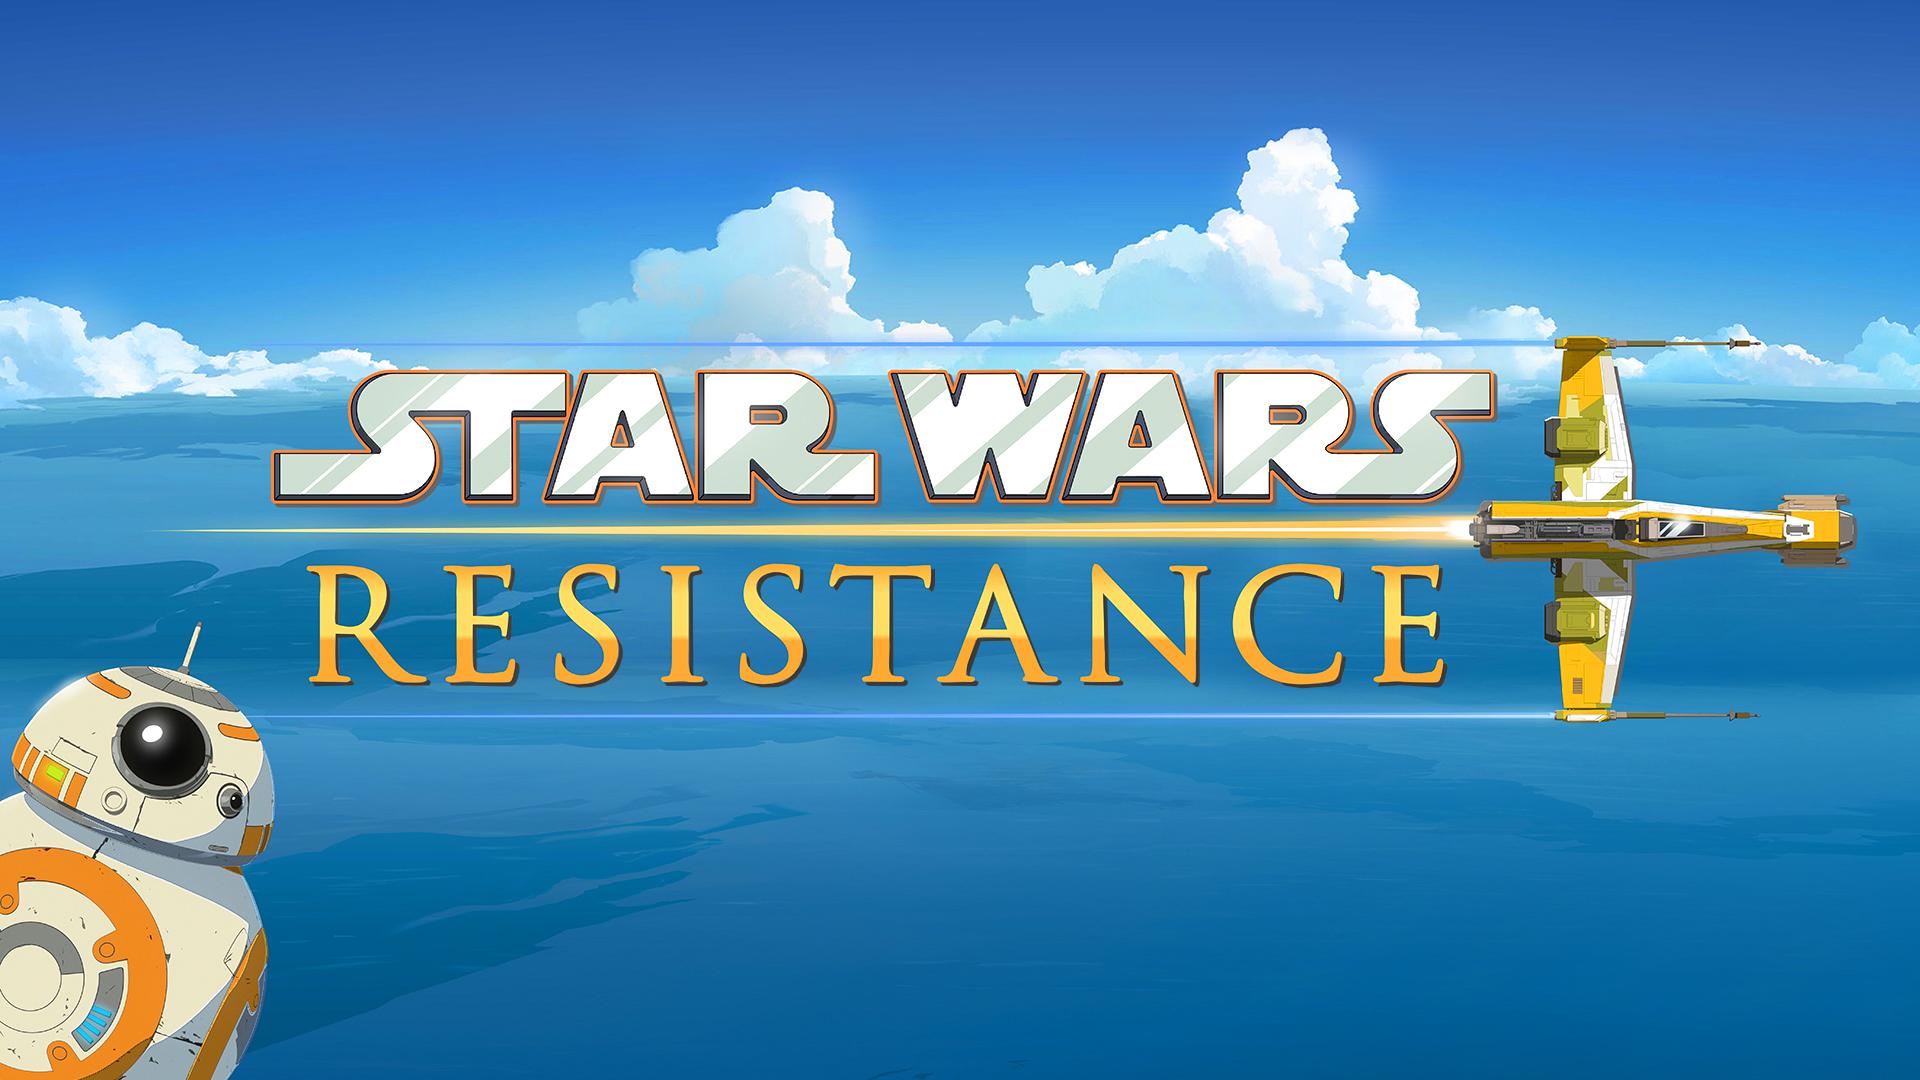 Star wars 3 castellano online dating